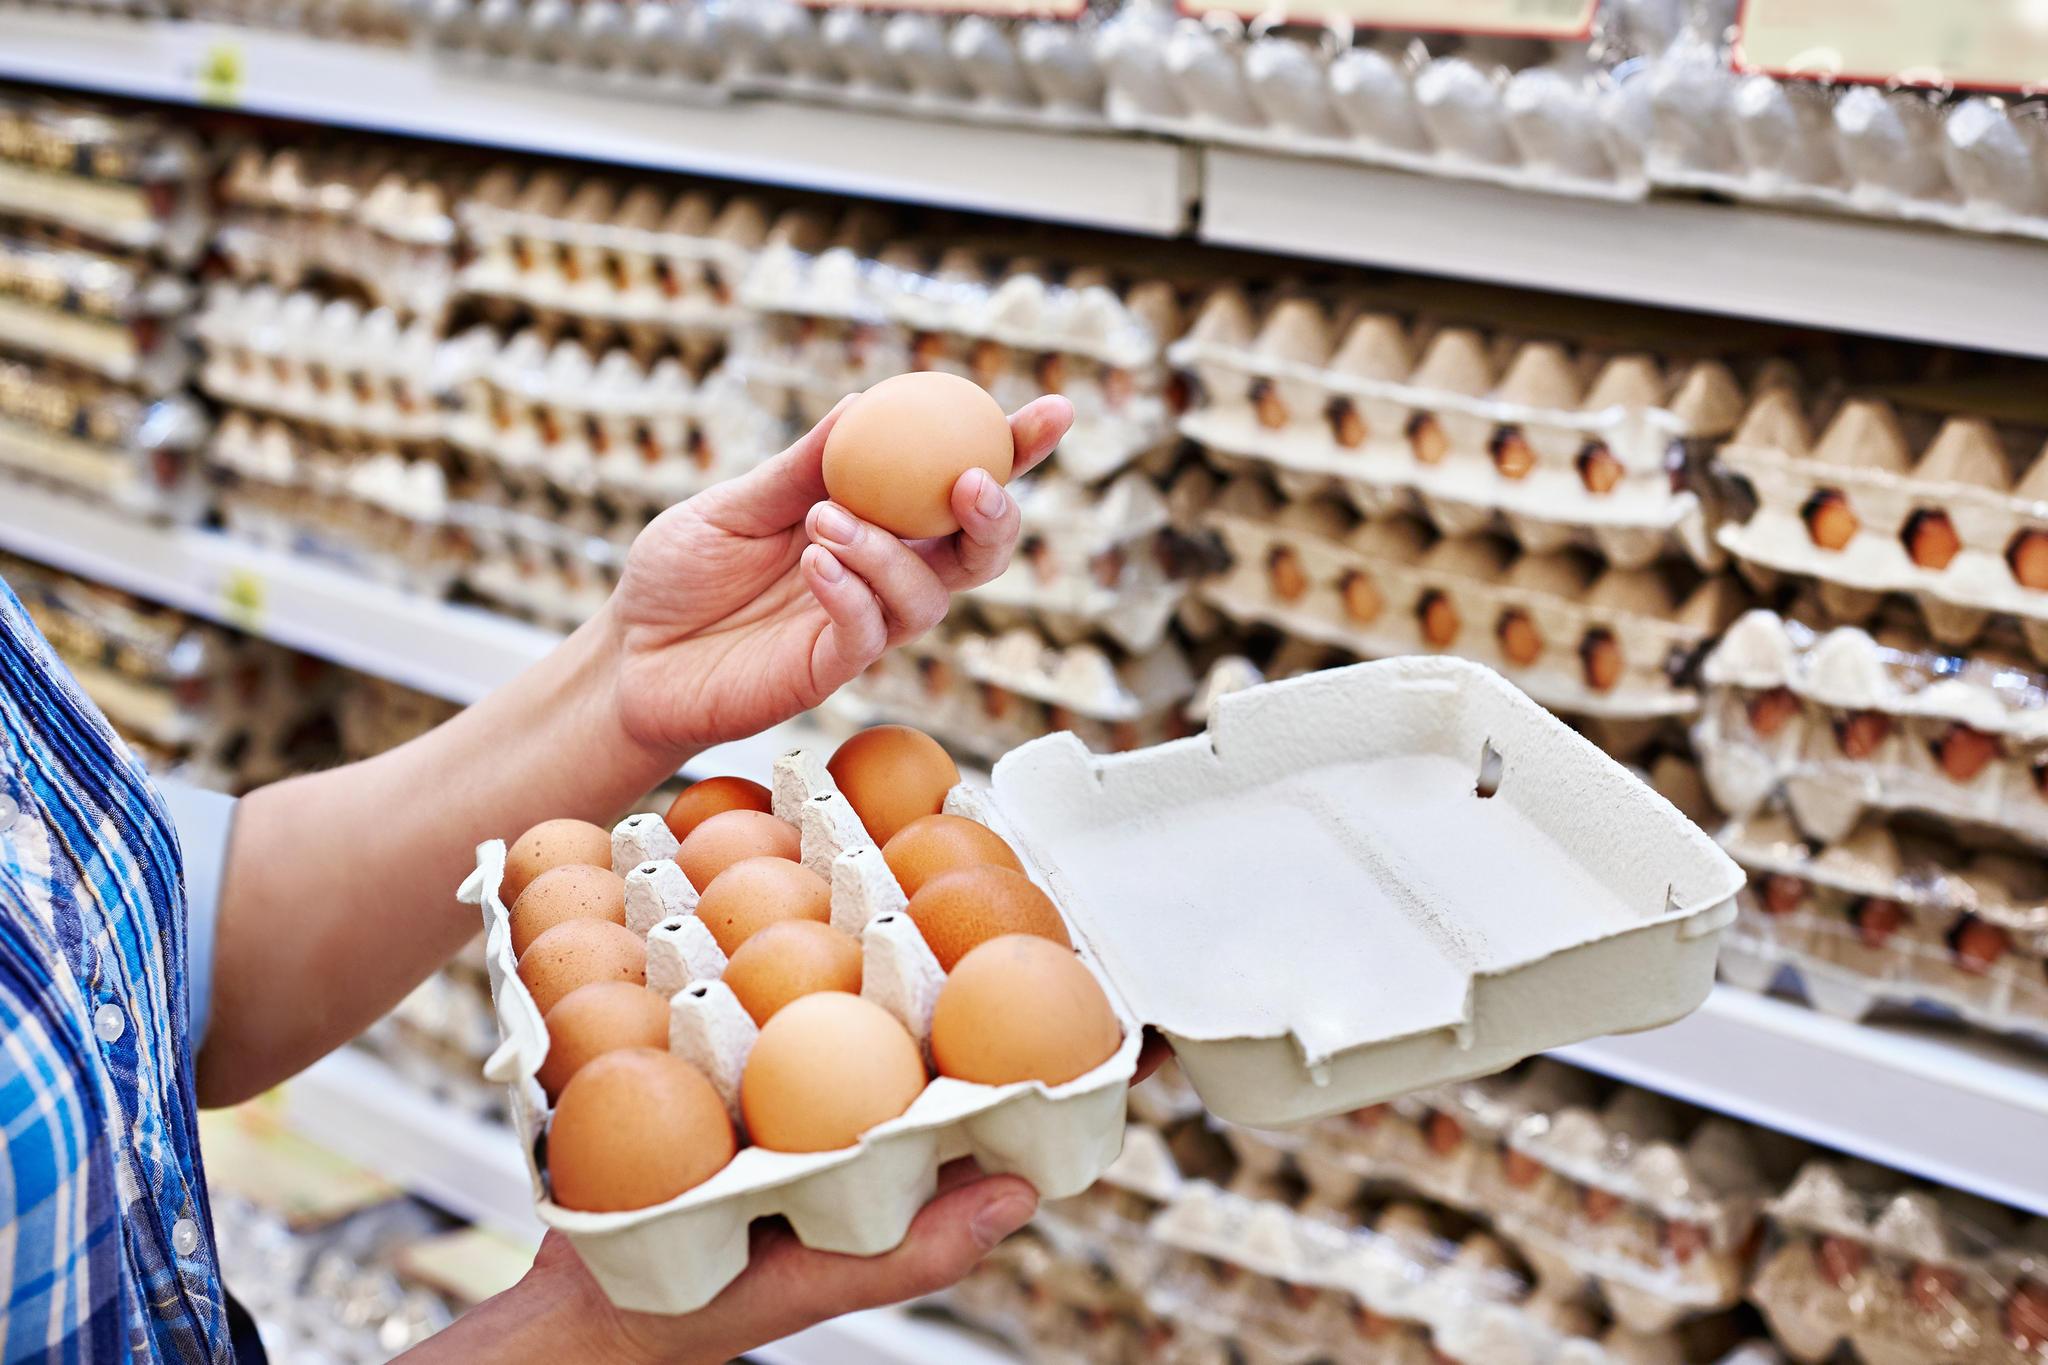 Der Hersteller Inter-Ovo ruft Freilandeier zurück, nachdem bei einer Überprüfung Salmonellen gefunden worden sind.  Ein wichtiger Rückruf betrifft die Kunden der fünf Supermarkt-Ketten Edeka, Rewe, Penny, Netto und Norma. Der Eier-Lieferant, der die Märkte mit Freilandeiern versorgt, warnt vor dem Verzehr und der Zubereitung seiner Ware.  Hintergrund: Bei einer Überprüfung der Eier sind  Salmonellen gefunden worden, die Übelkeit, Brechreiz und Durchfall verursachen können. Der Hersteller ruft sicherheitshalber alle womöglich betroffenen Eier zurück, Kunden können sie auch ohne Kassenbon wieder in den Laden bringen.  Betroffen sind Eier der folgenden Marken mit dem Eiercode 1-DE-0353974:  Norma: Gutsglück Eier 10 frische Eier aus Freilandhaltung MHD: 29.04.2018 und 20.05.2018  Rewe: Beste Wahl 6 Eier aus Freilandhaltung XL MHD: 09.05.2018, 10.05.2018 und 17.05.2018  Netto: Vom Land 10 frische Eier aus Freilandhaltung MHD: 02.05.2018, 06.05.2018, 10.05.2018, 12.05.2018 und 20.05.2018.  Penny: Columbus 10 Eier aus Freilandhaltung MHD: 09.05.2018  Edeka: Gut & Günstig 10 Eier aus Freilandhaltung MHD: 02.05.2018, 10.05.2018 und 13.05.2018